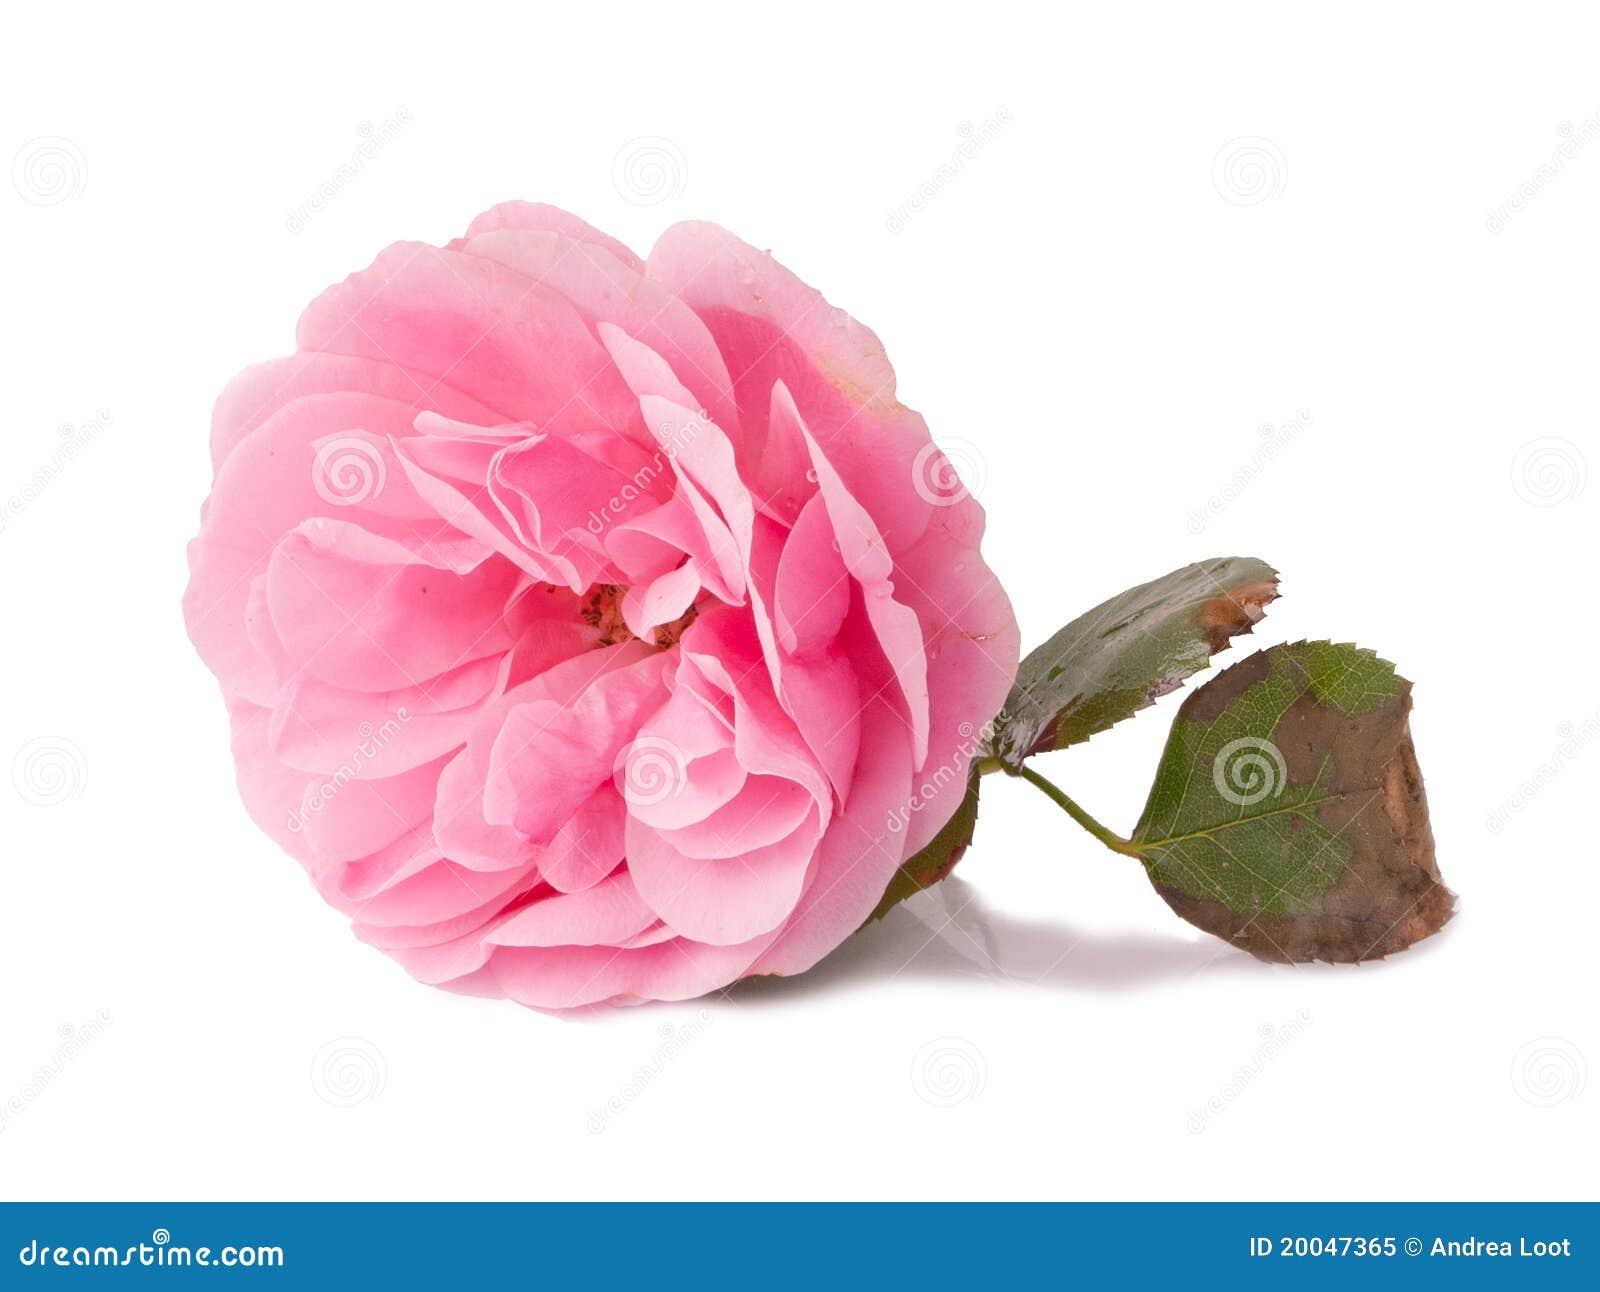 Rosa Damascena Royalty Free Stock Photo Image 20047365